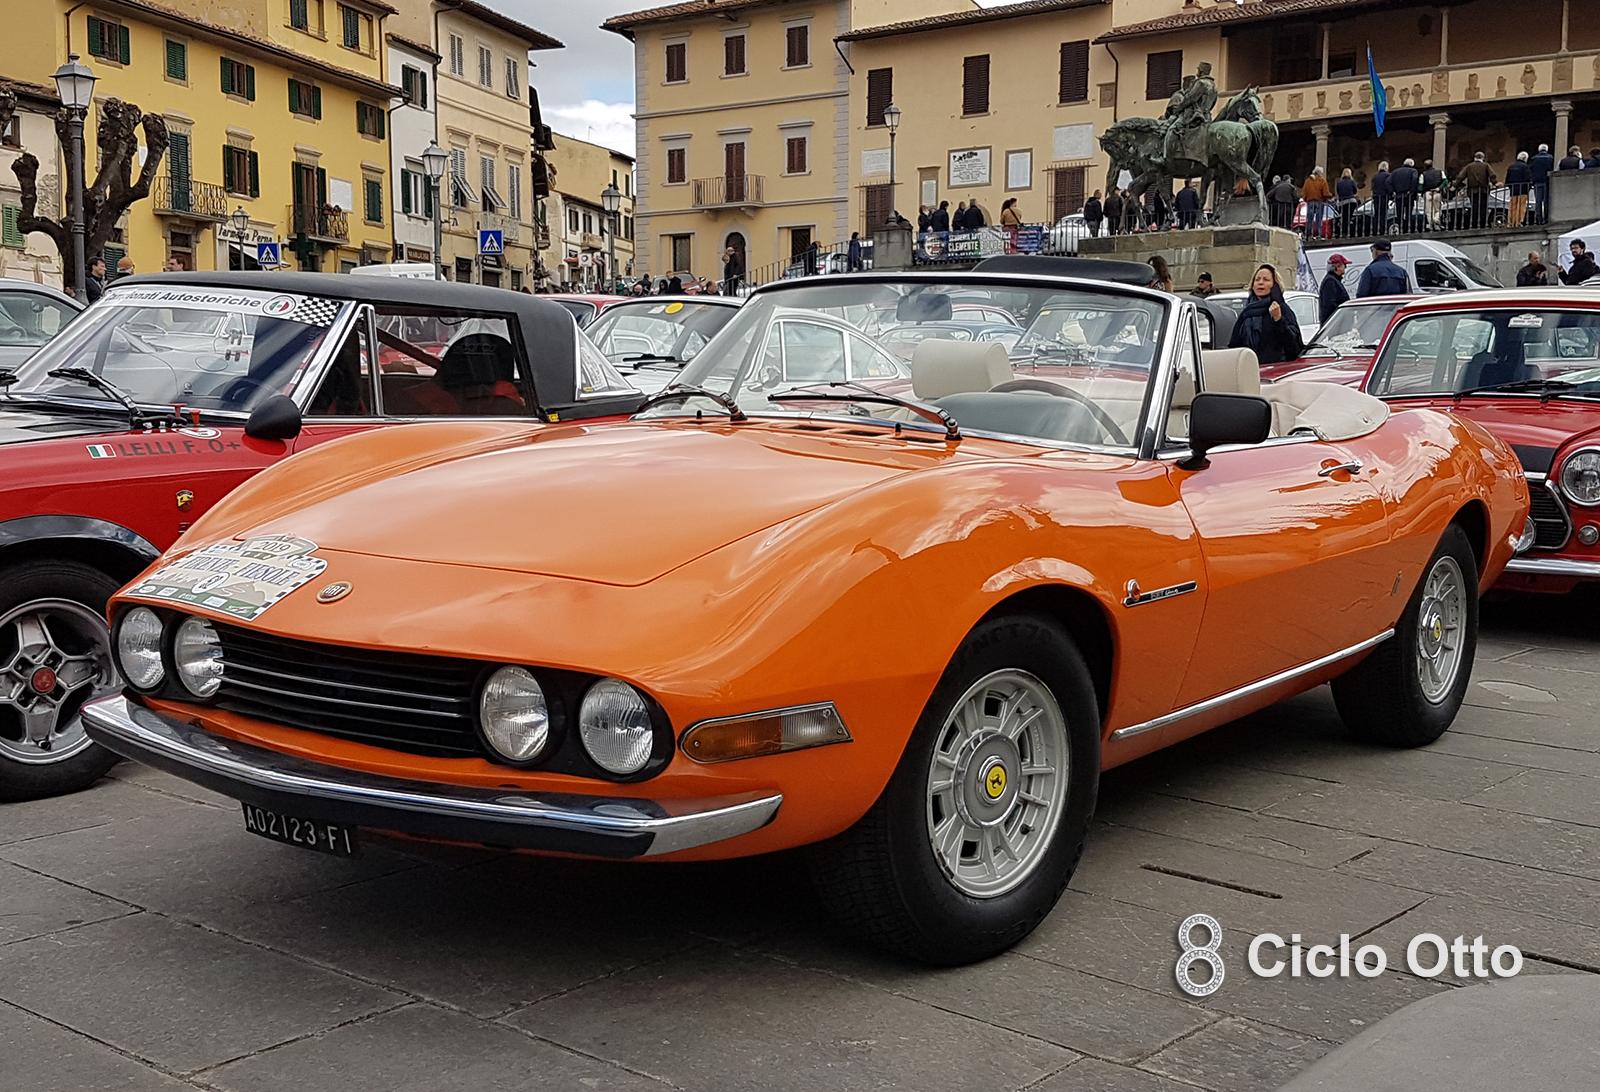 Fiat Dino Spider 2000 - Firenze-Fiesole 2019